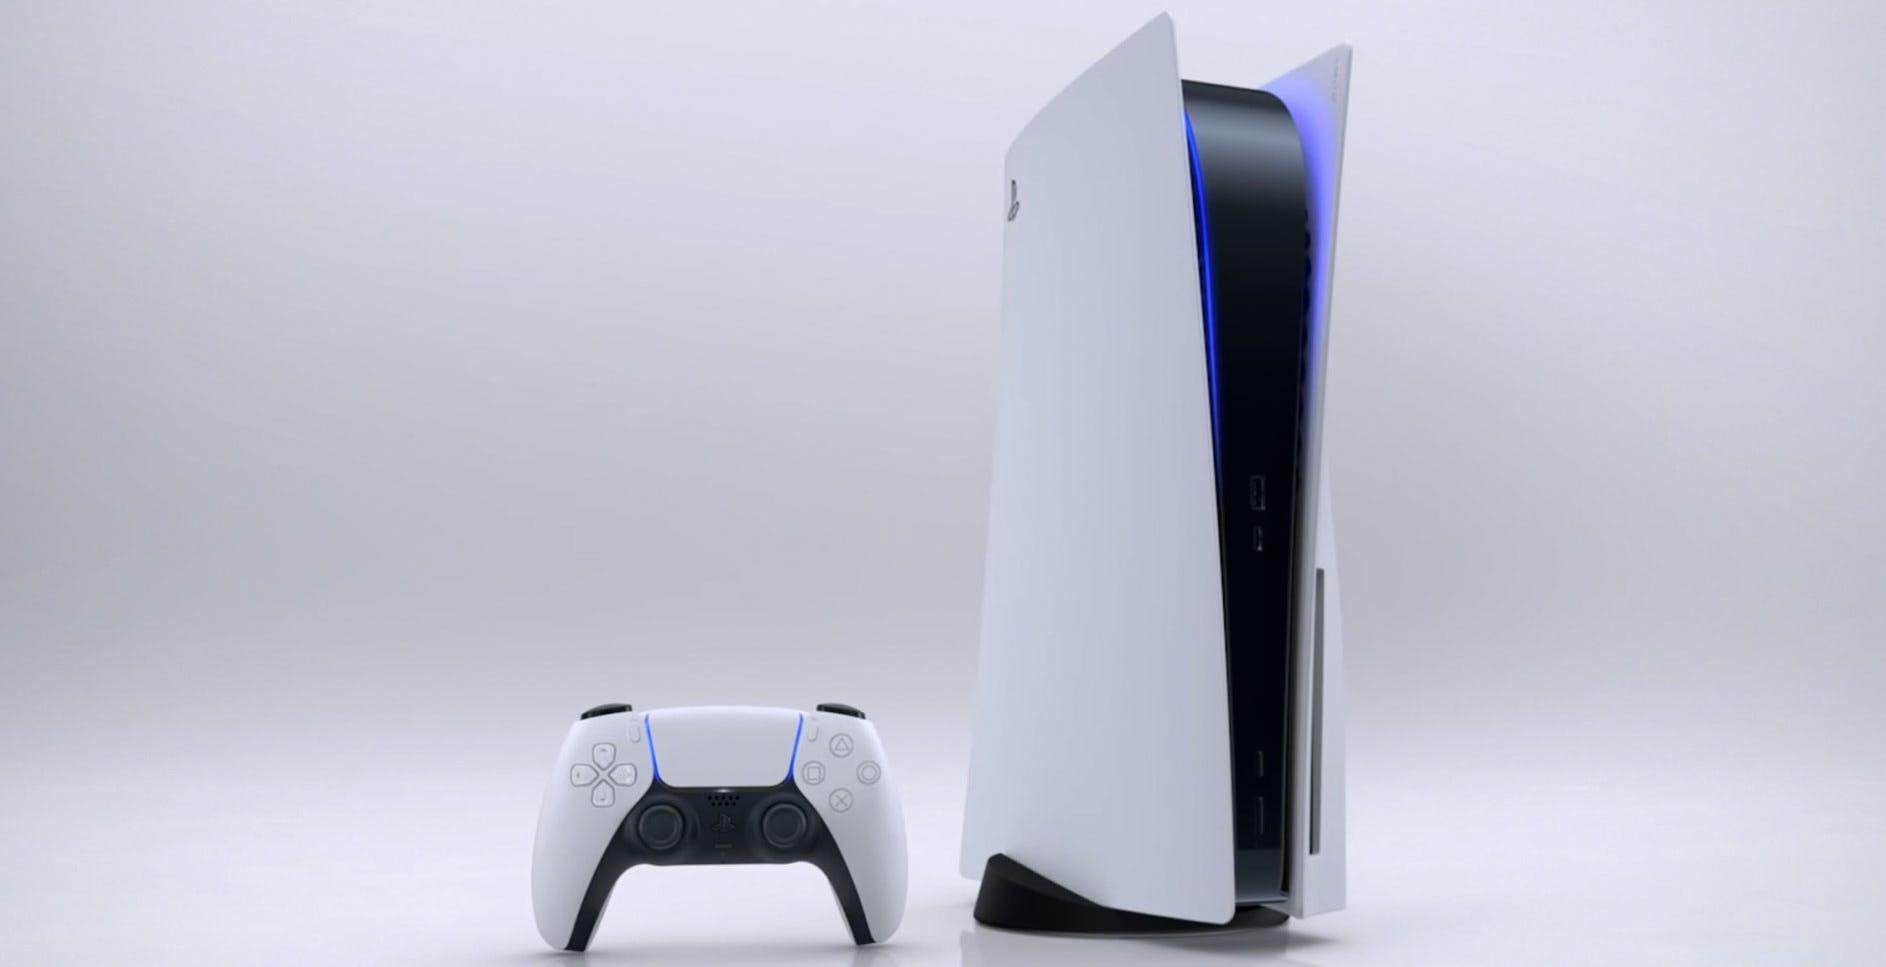 Retrocompatibilità PS5: un sito ha raccolto i test effettuati su quasi 600 giochi PS4 per sapere come girano